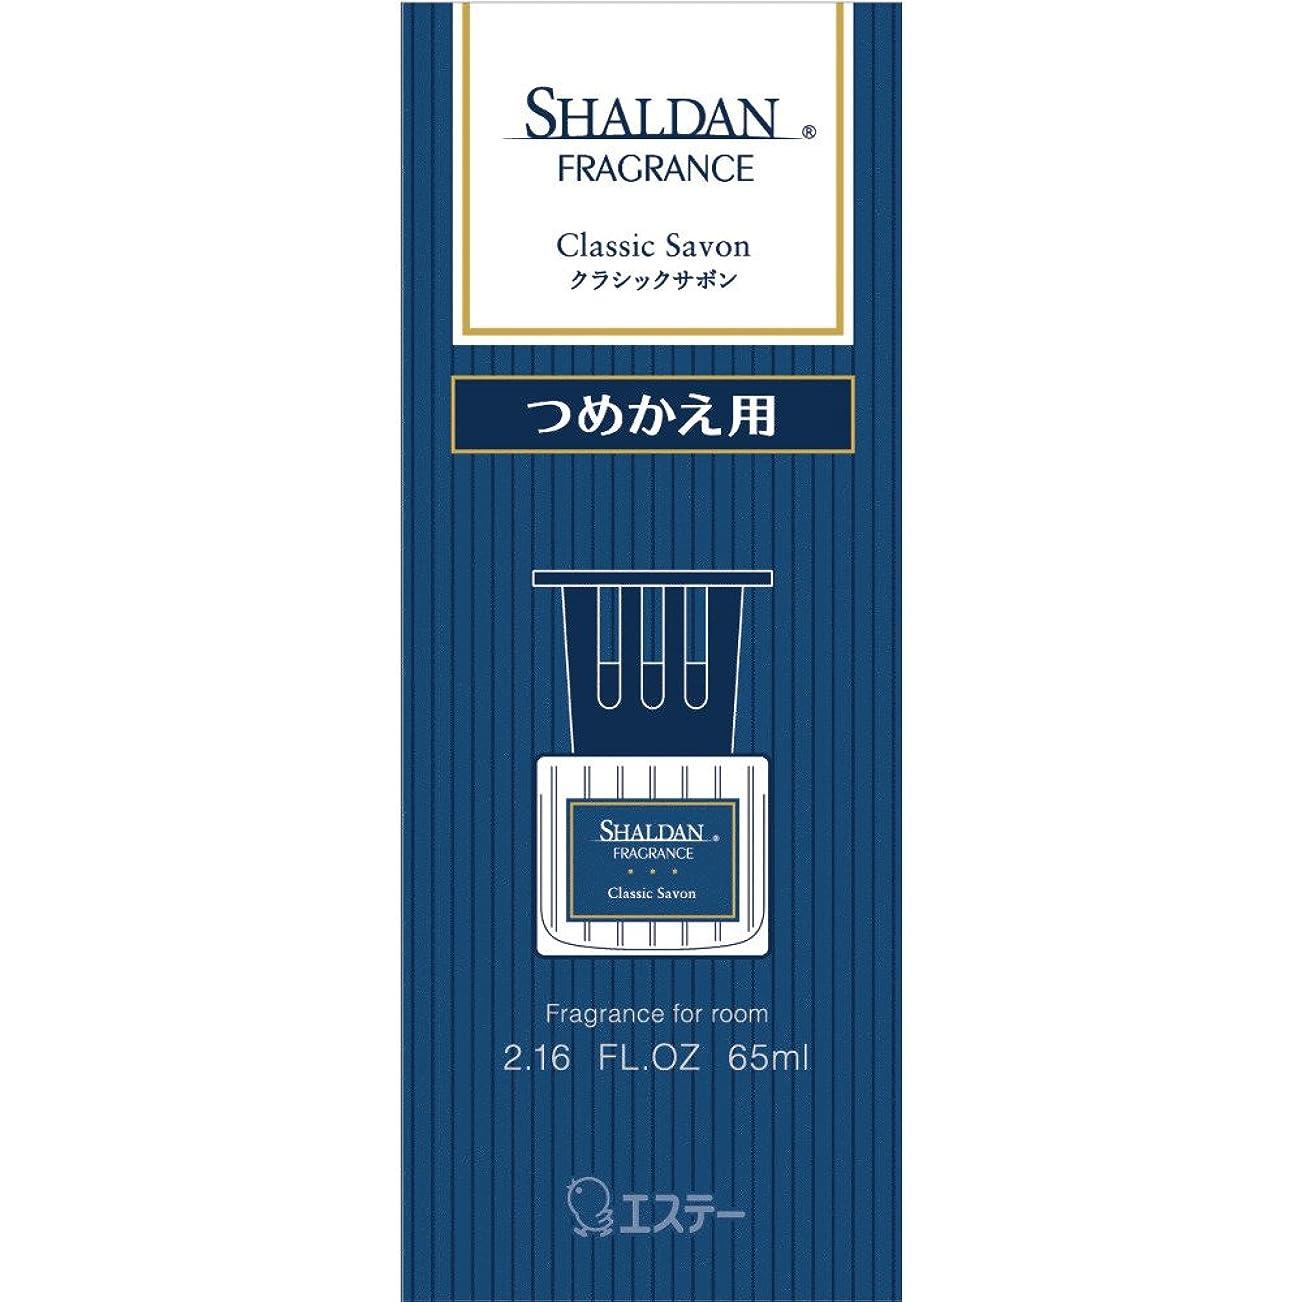 下線シロナガスクジラ破産シャルダン SHALDAN フレグランス 消臭芳香剤 部屋用 つめかえ クラシックサボン 65ml